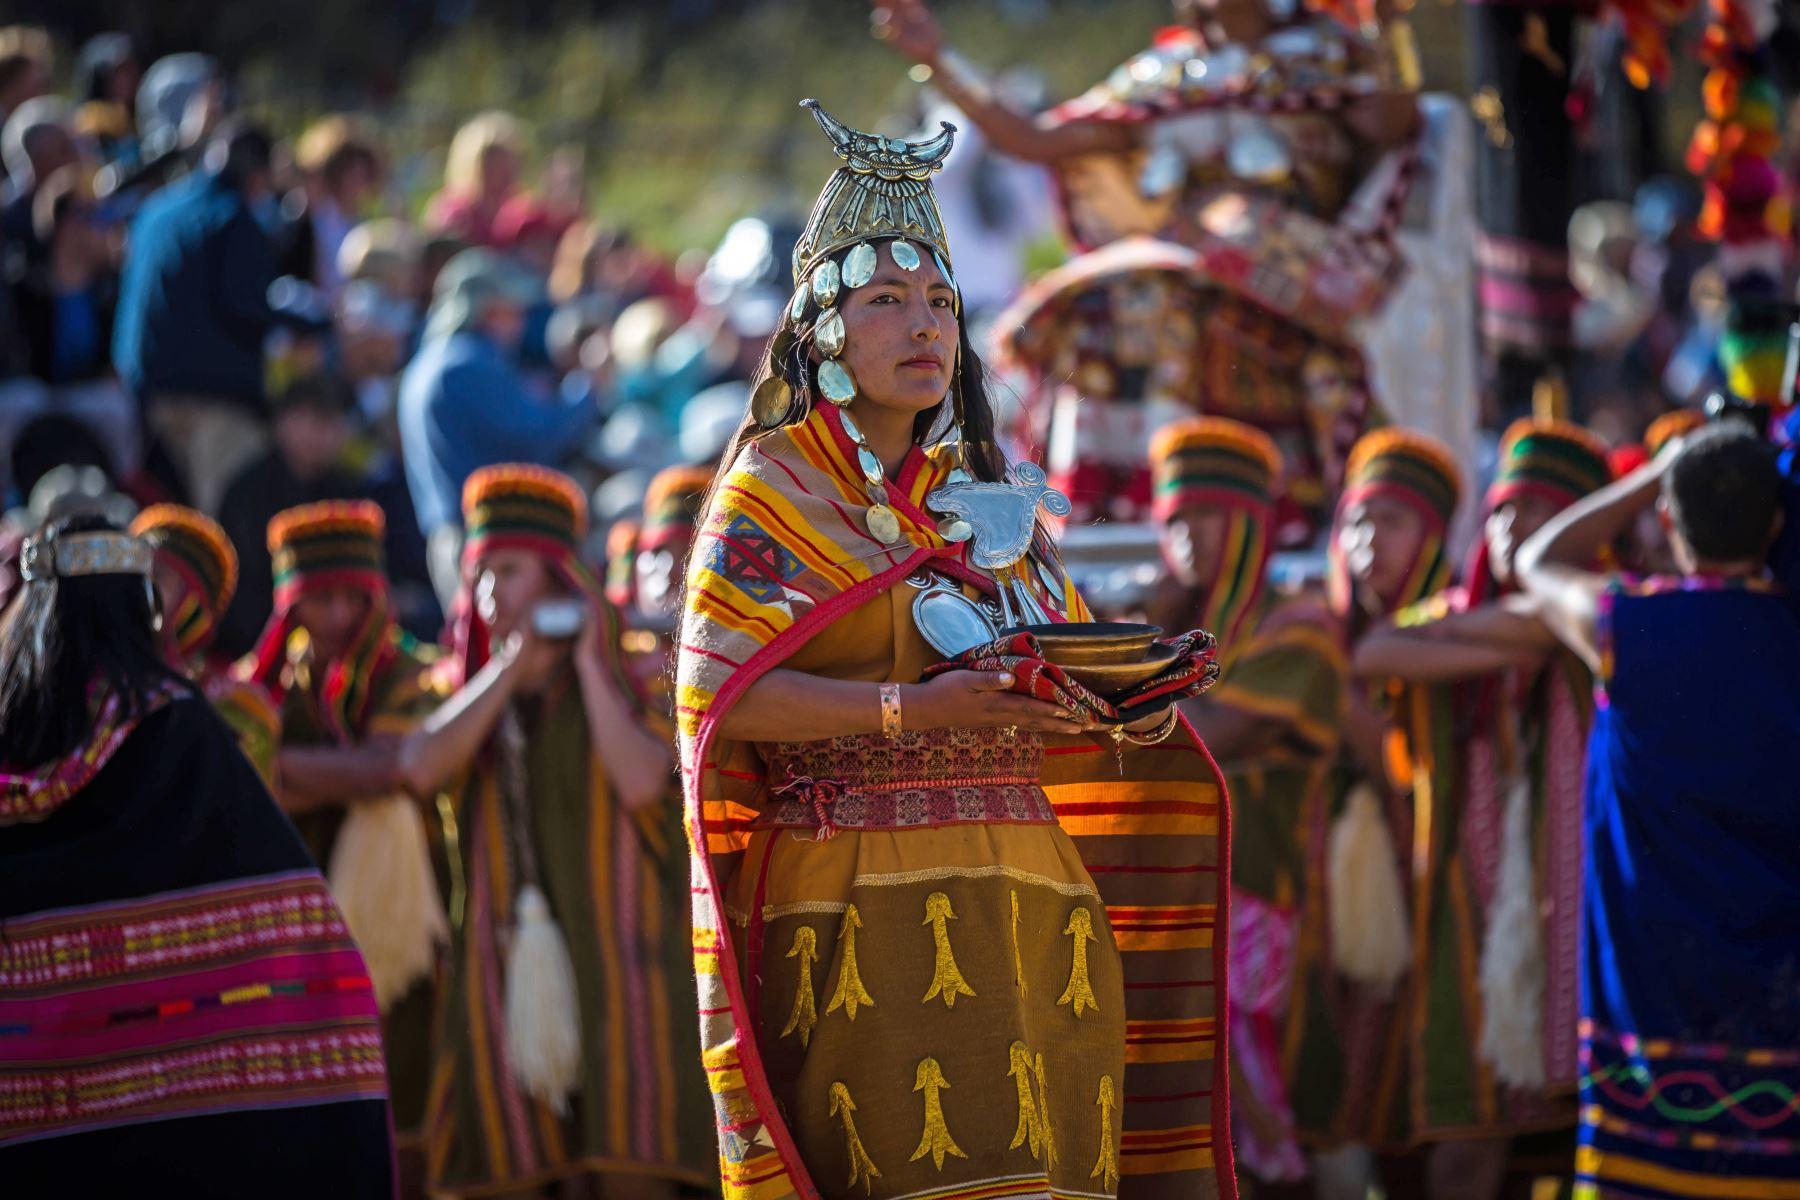 Tuvieron que transcurrir más de 400 años para que, en 1944, el Inti Raymi fuera reinstaurado en el Cusco con algunas variaciones respecto del rito original. Foto: ANDINA/EMUFEC